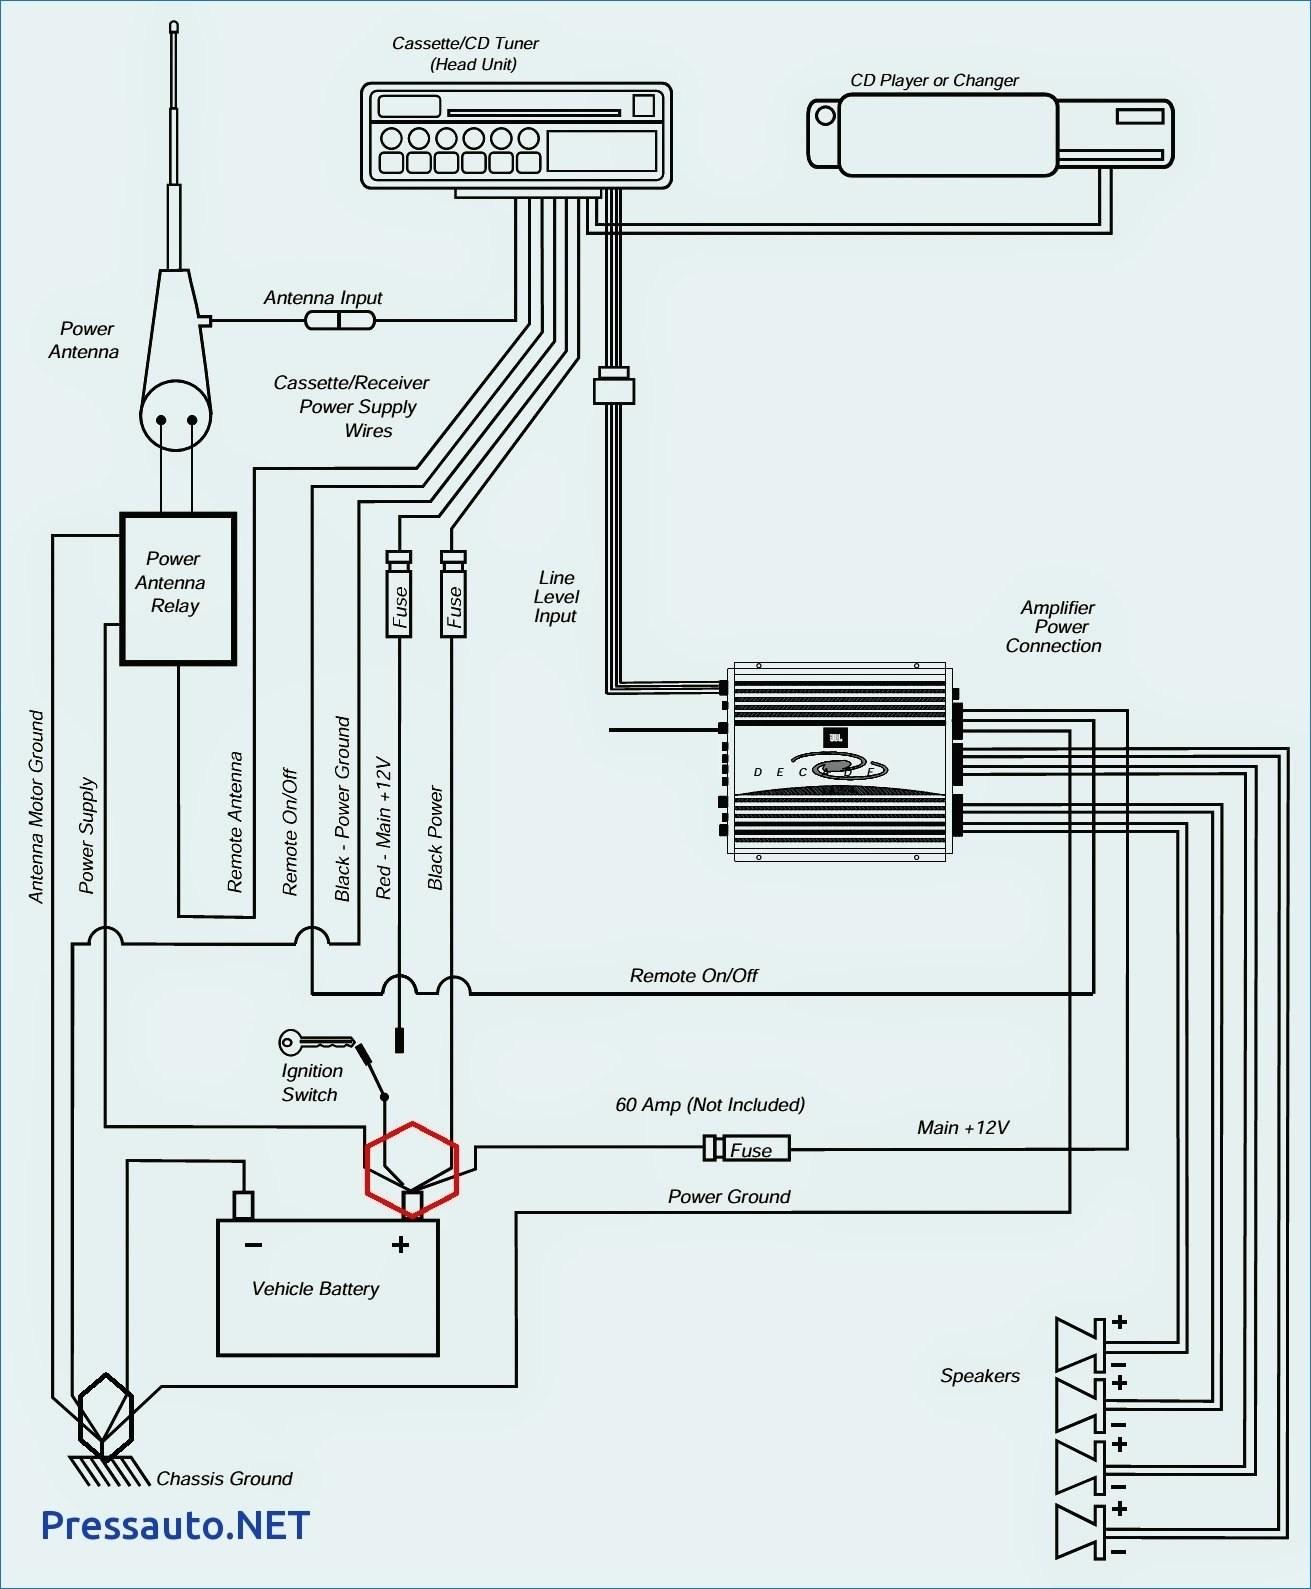 Alpine Ktp 445u Power Pack Wiring Diagram Hd Dump Me 13 0